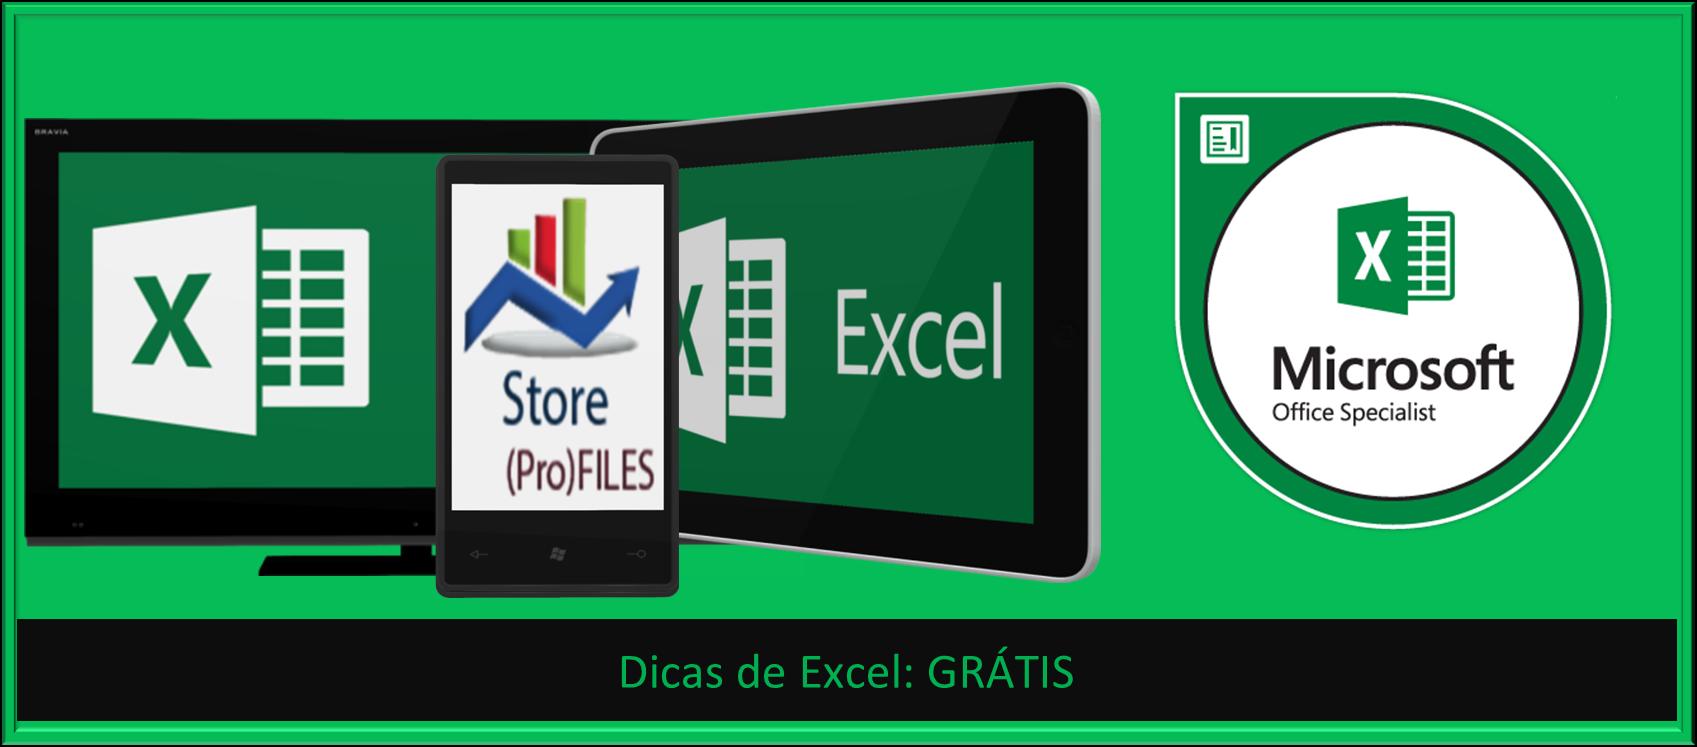 Dicas de Excel grátis